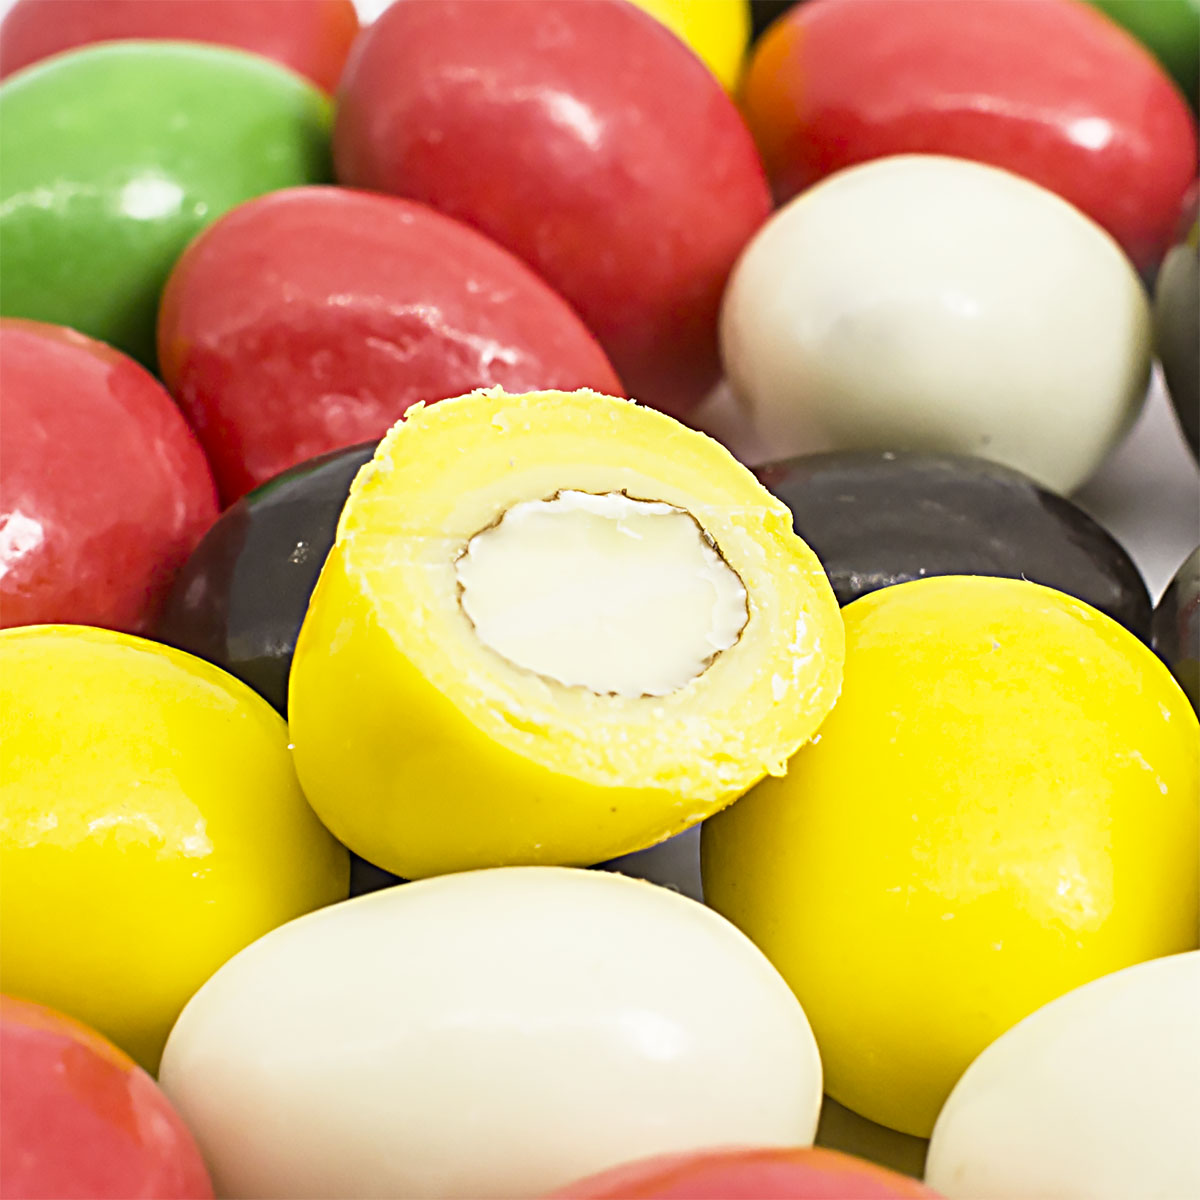 Миндаль в цветной глазури пирожное маршмеллоу sweet plus zeffo в какао молочной глазури 150 г